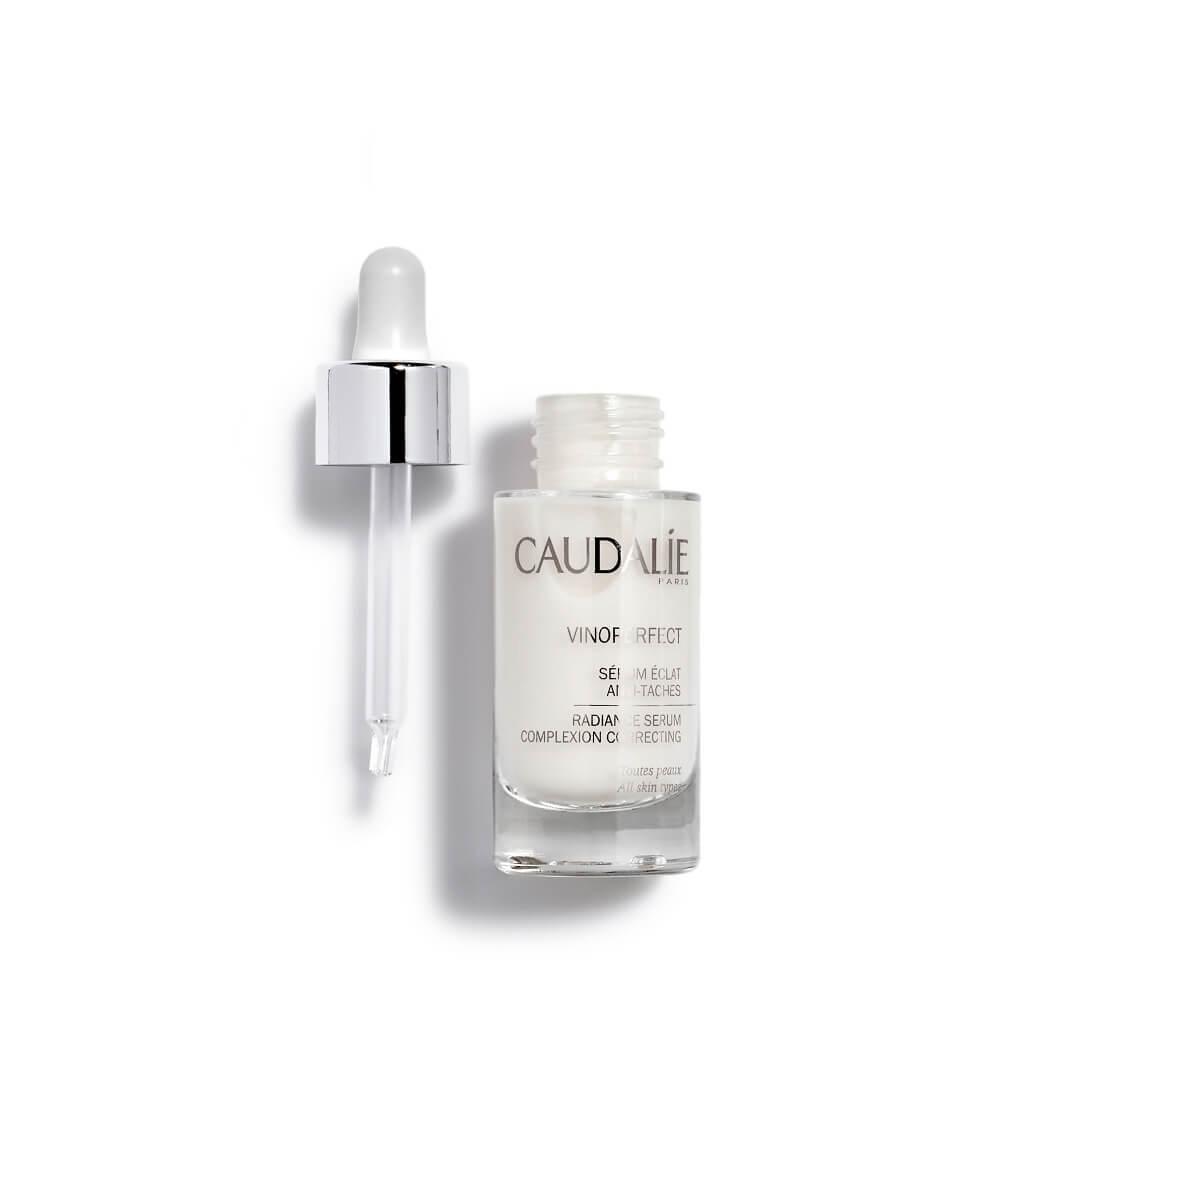 Caudalie VinoPerfect Serum Vitamin C for Acne Scar